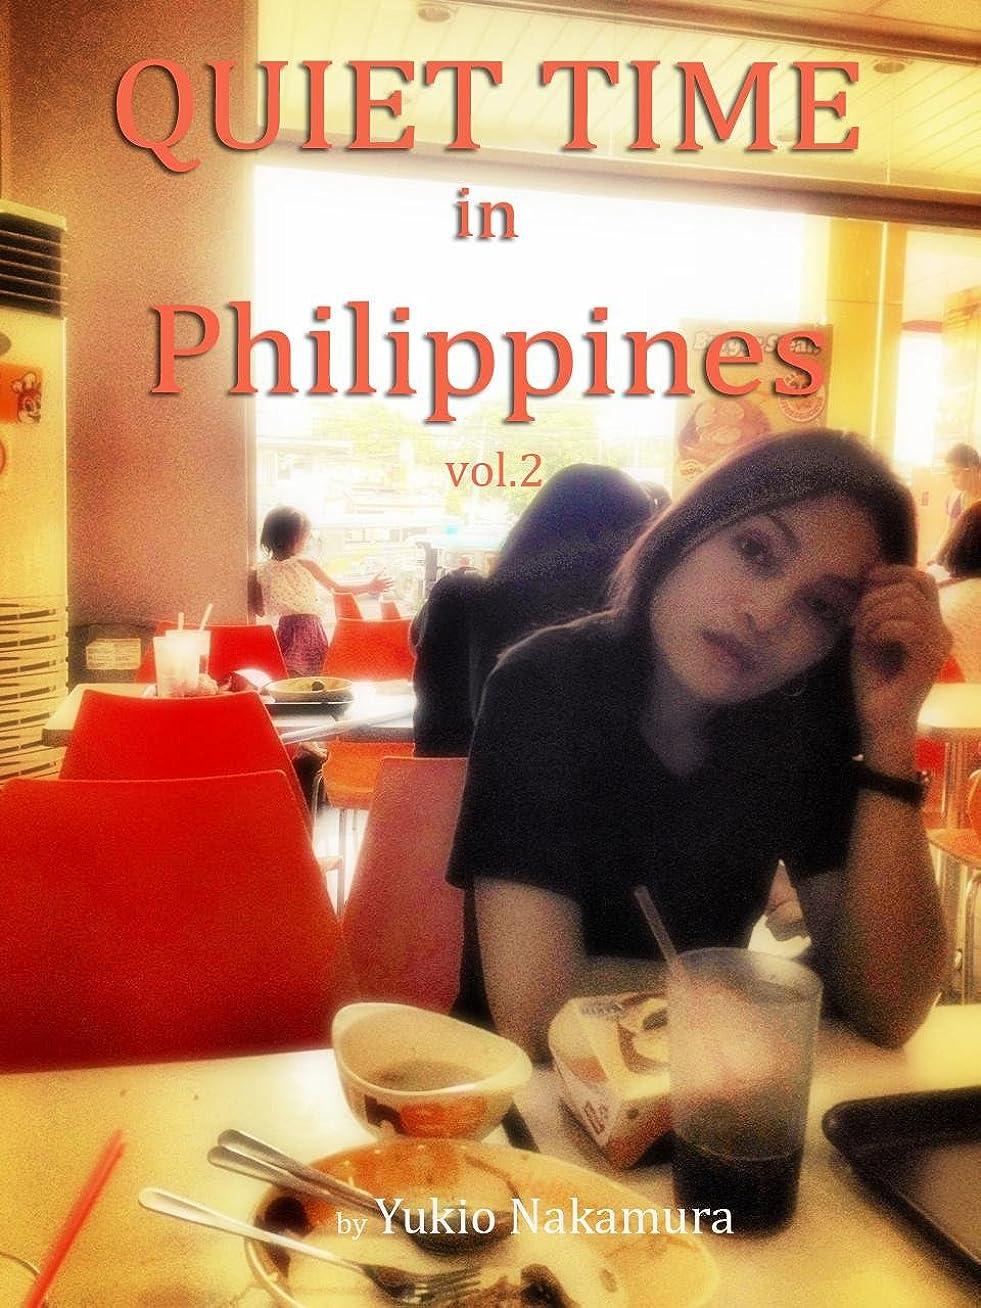 サンダース喜ぶ調子Quiet Time in Philippines vol.2: 亜細亜街道ーフィリピン篇2 (Asian Street Photography)